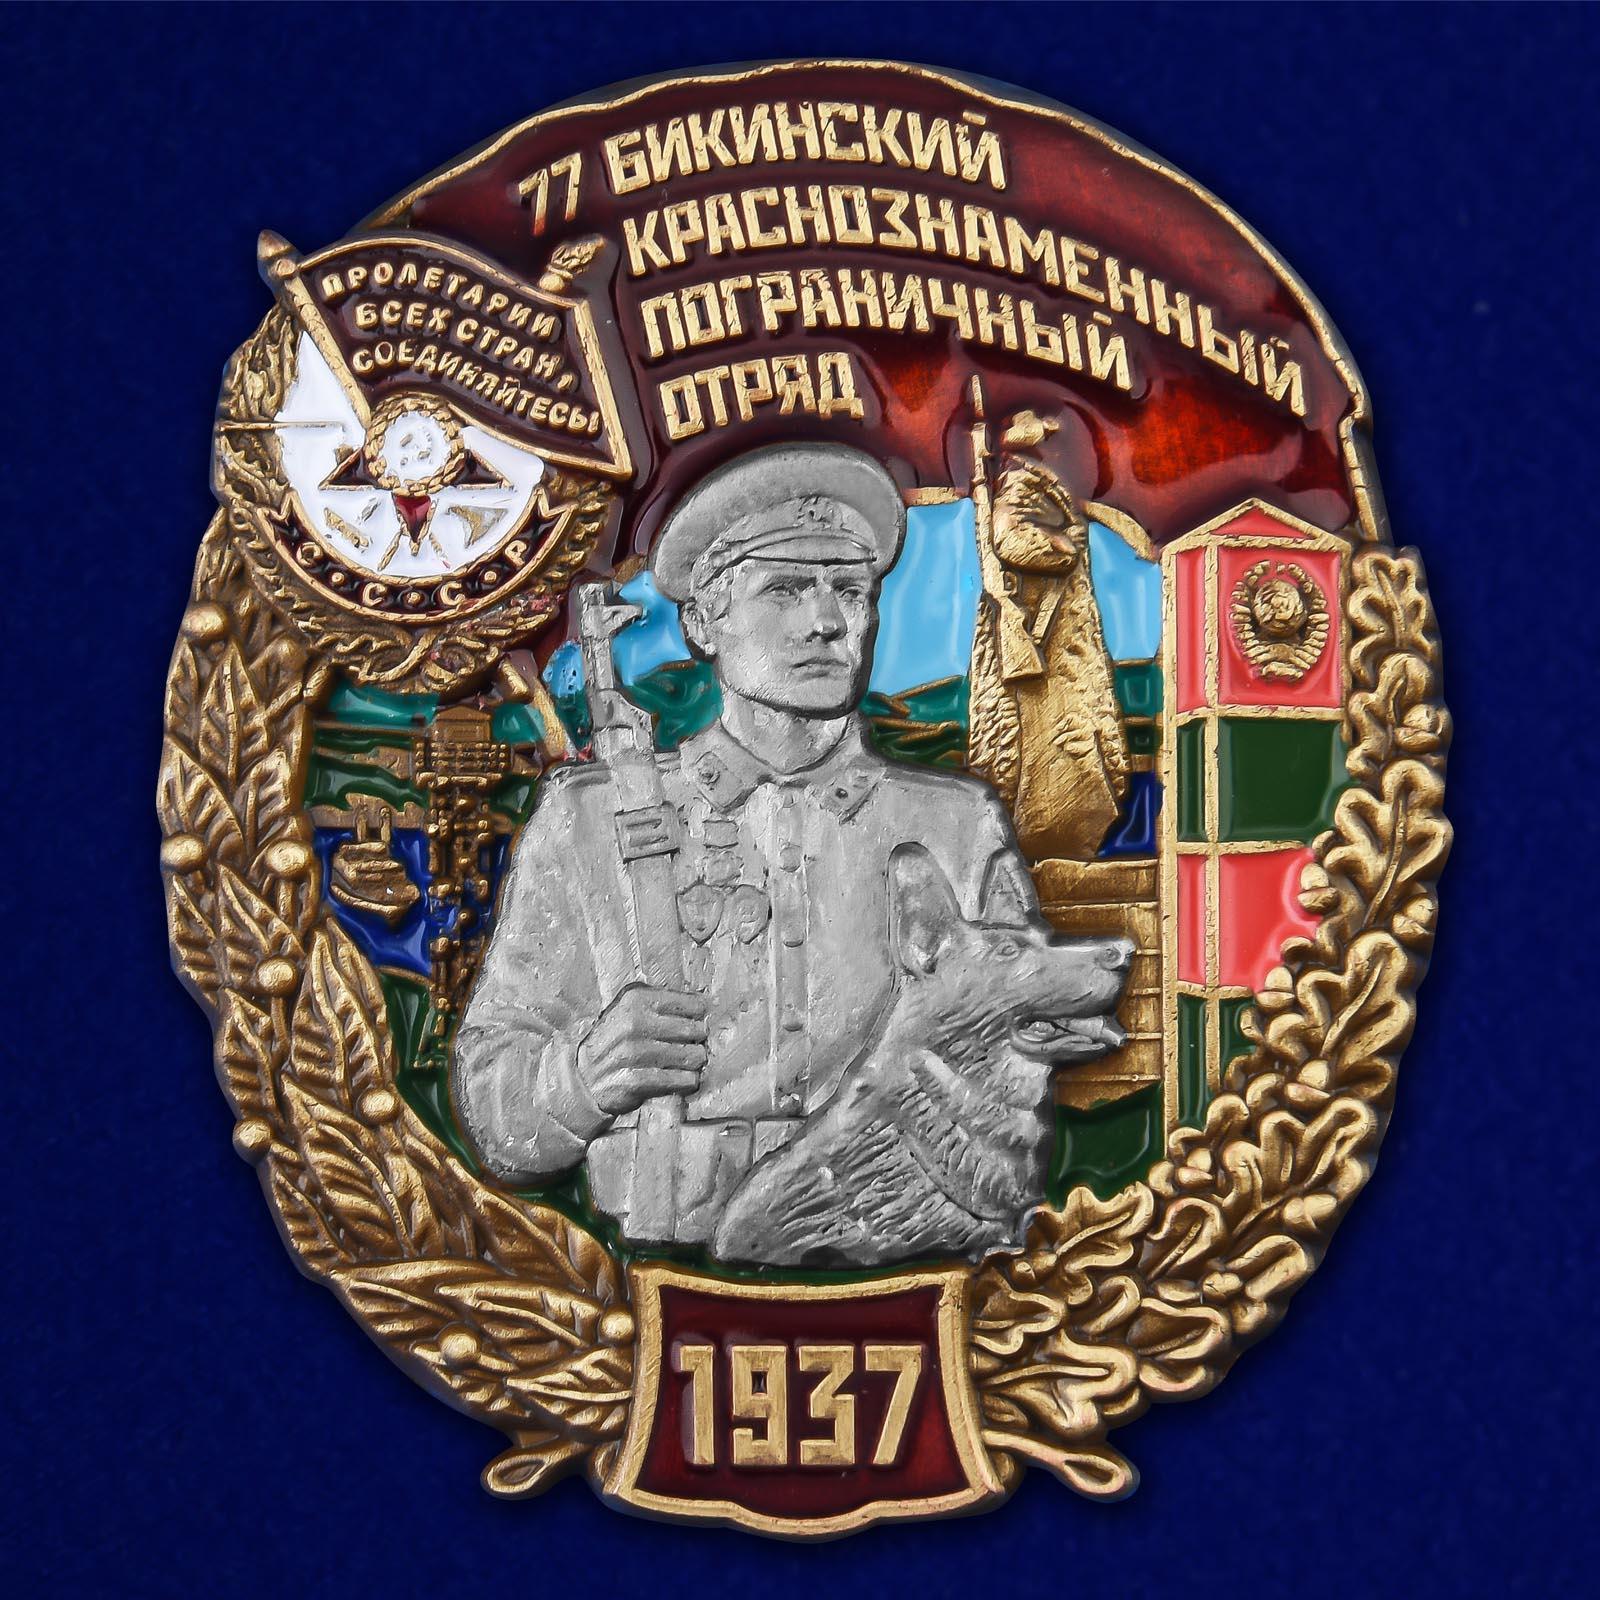 Латунный знак 77 Бикинский Краснознамённый Пограничный отряд - общий вид